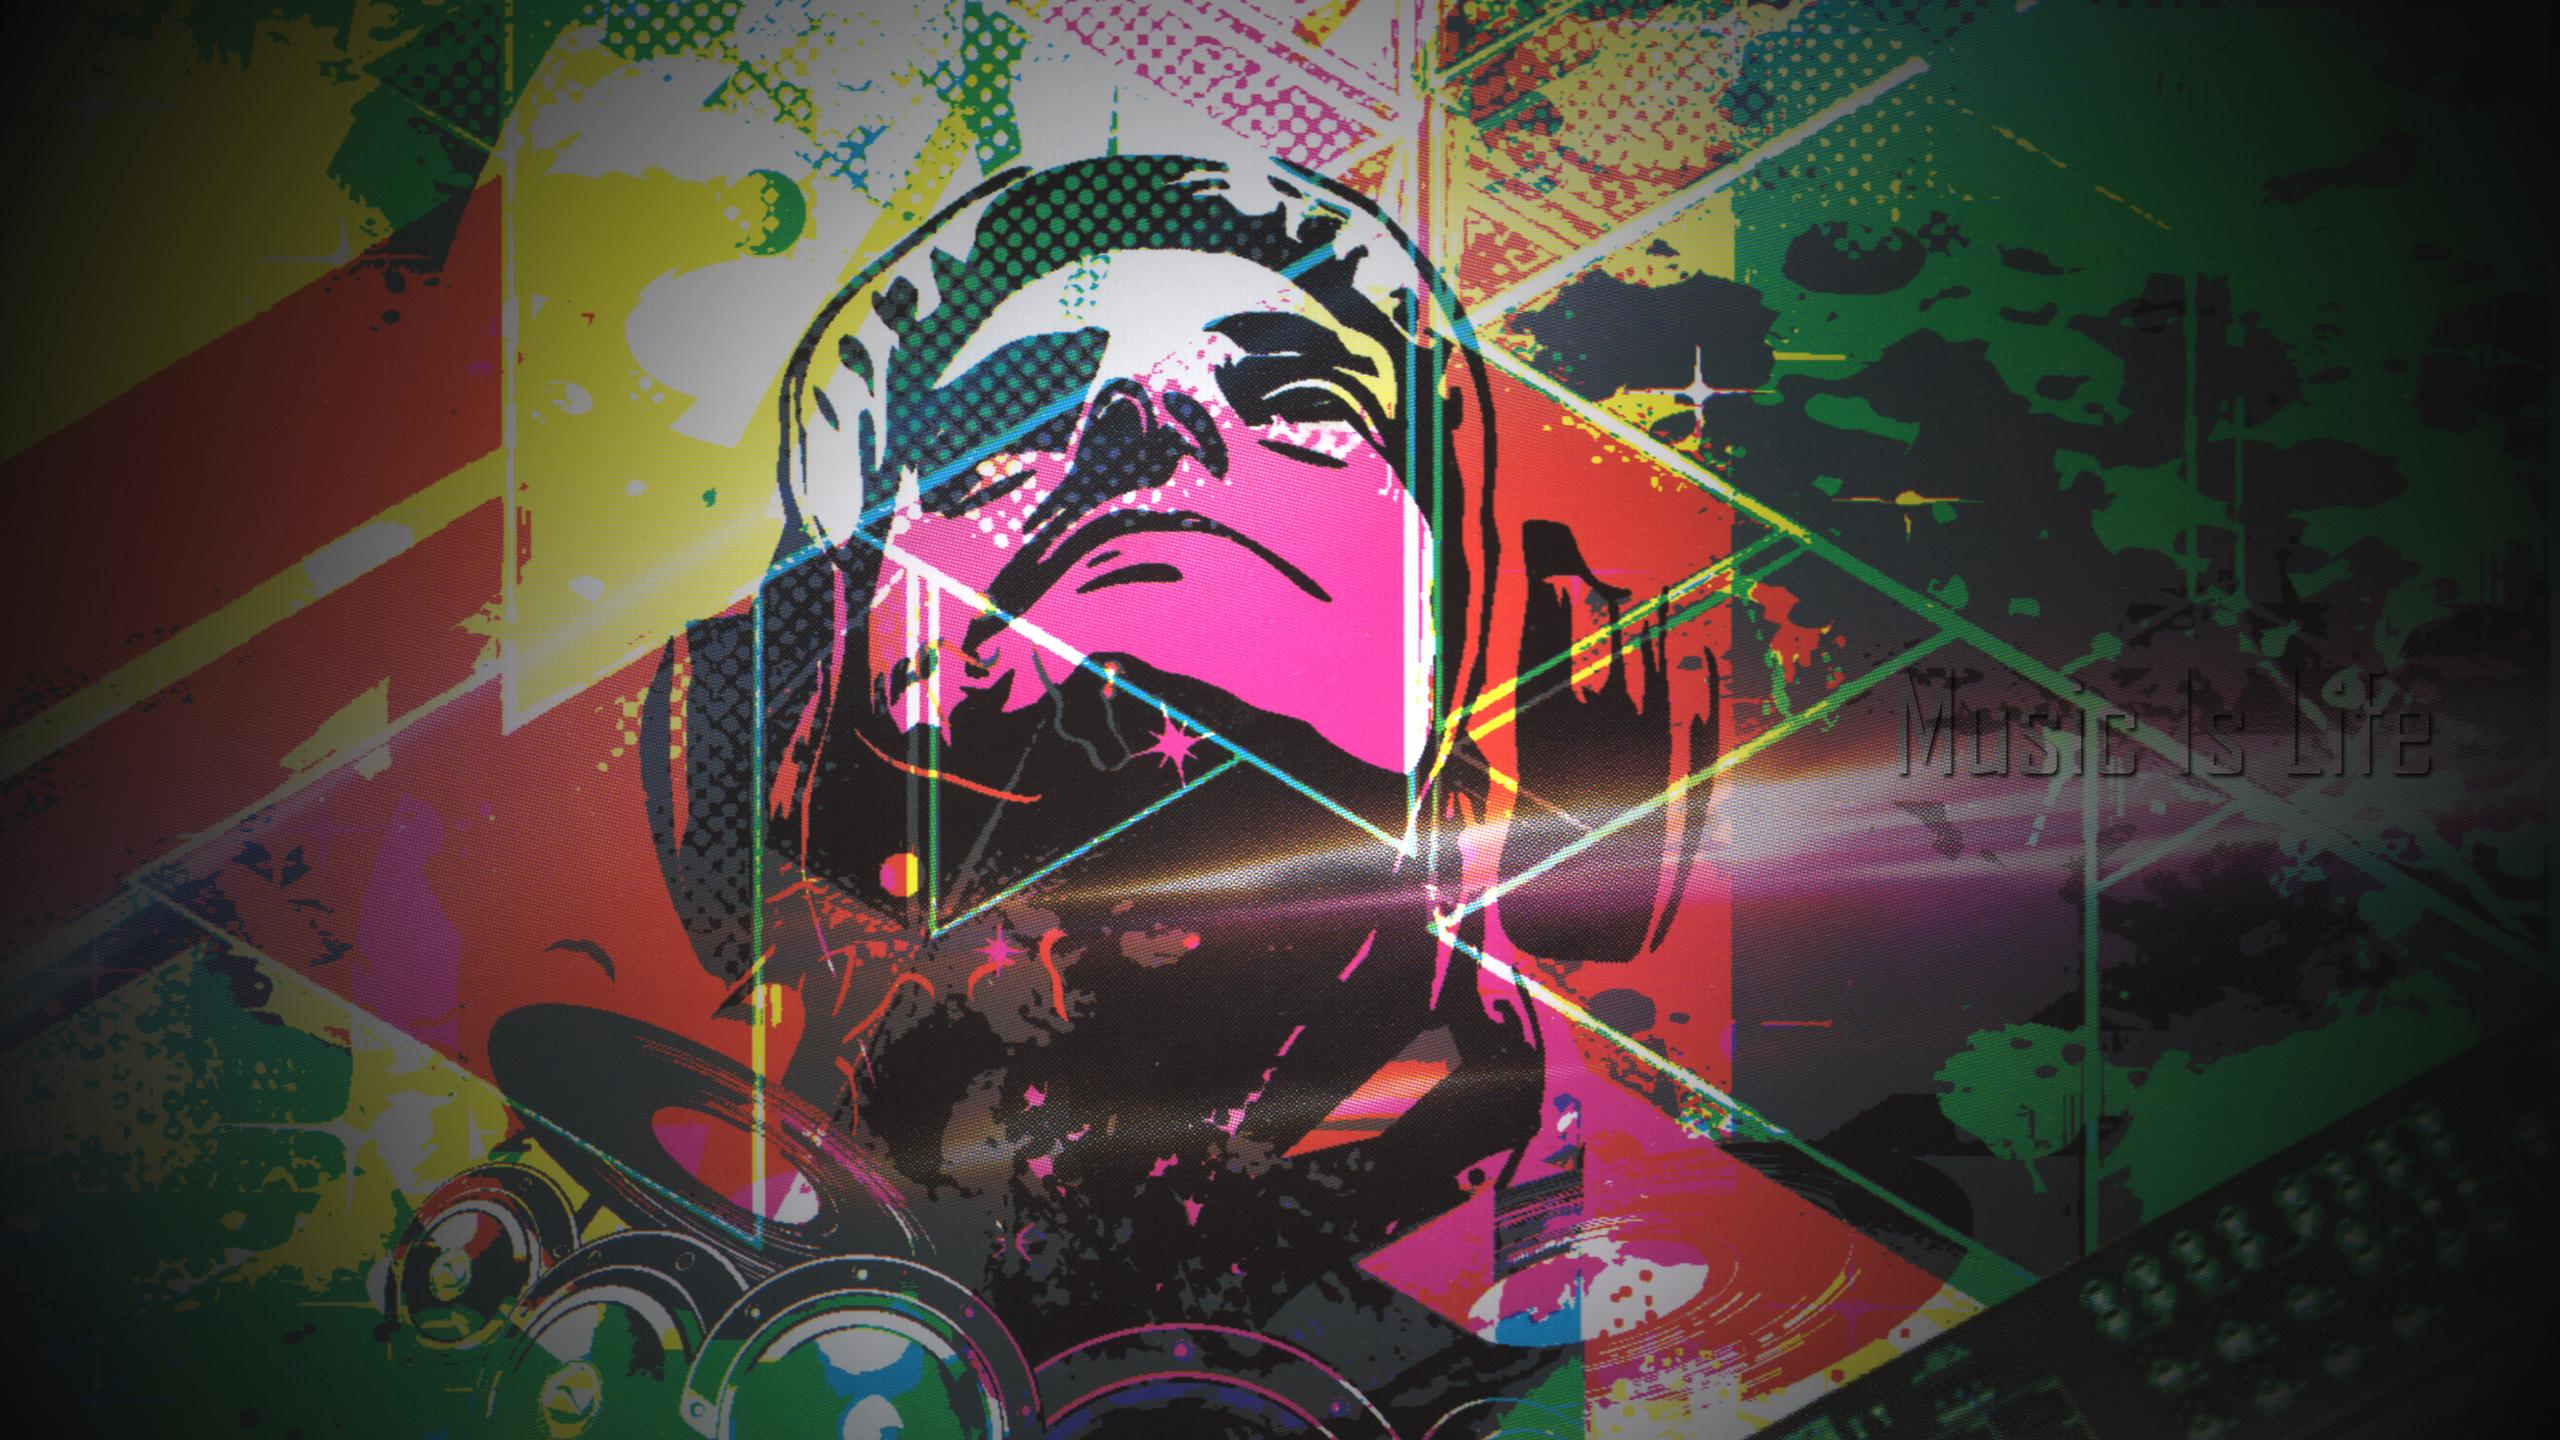 Art Music 2560x1440 Download Hd Wallpaper Wallpapertip